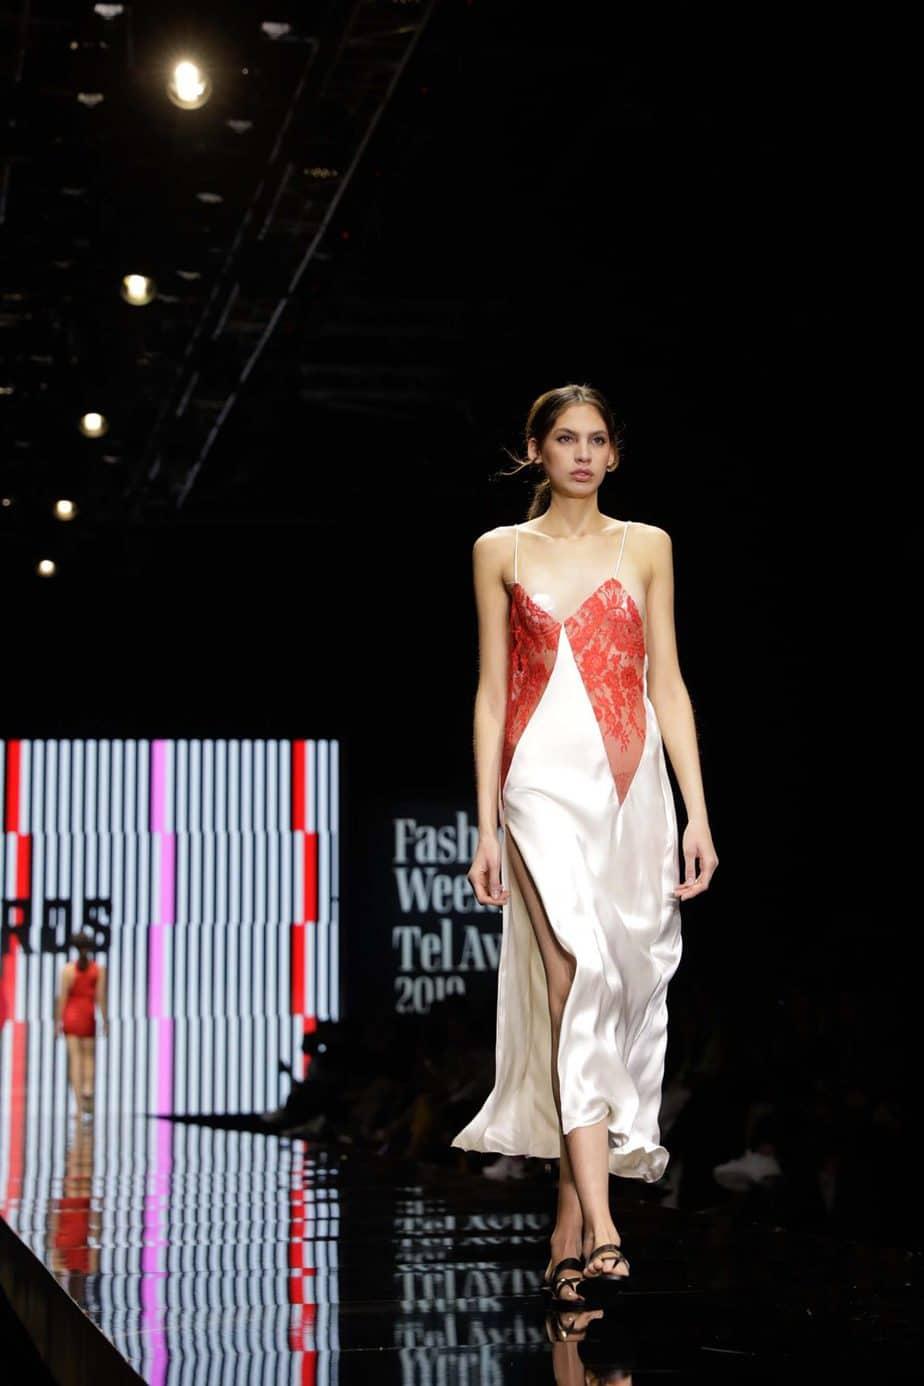 קולקציה עידן לרוס, תצוגת אופנה עידן לרוס שבוע האופנה תל אביב 2019, צילום עומר קפלן - 15